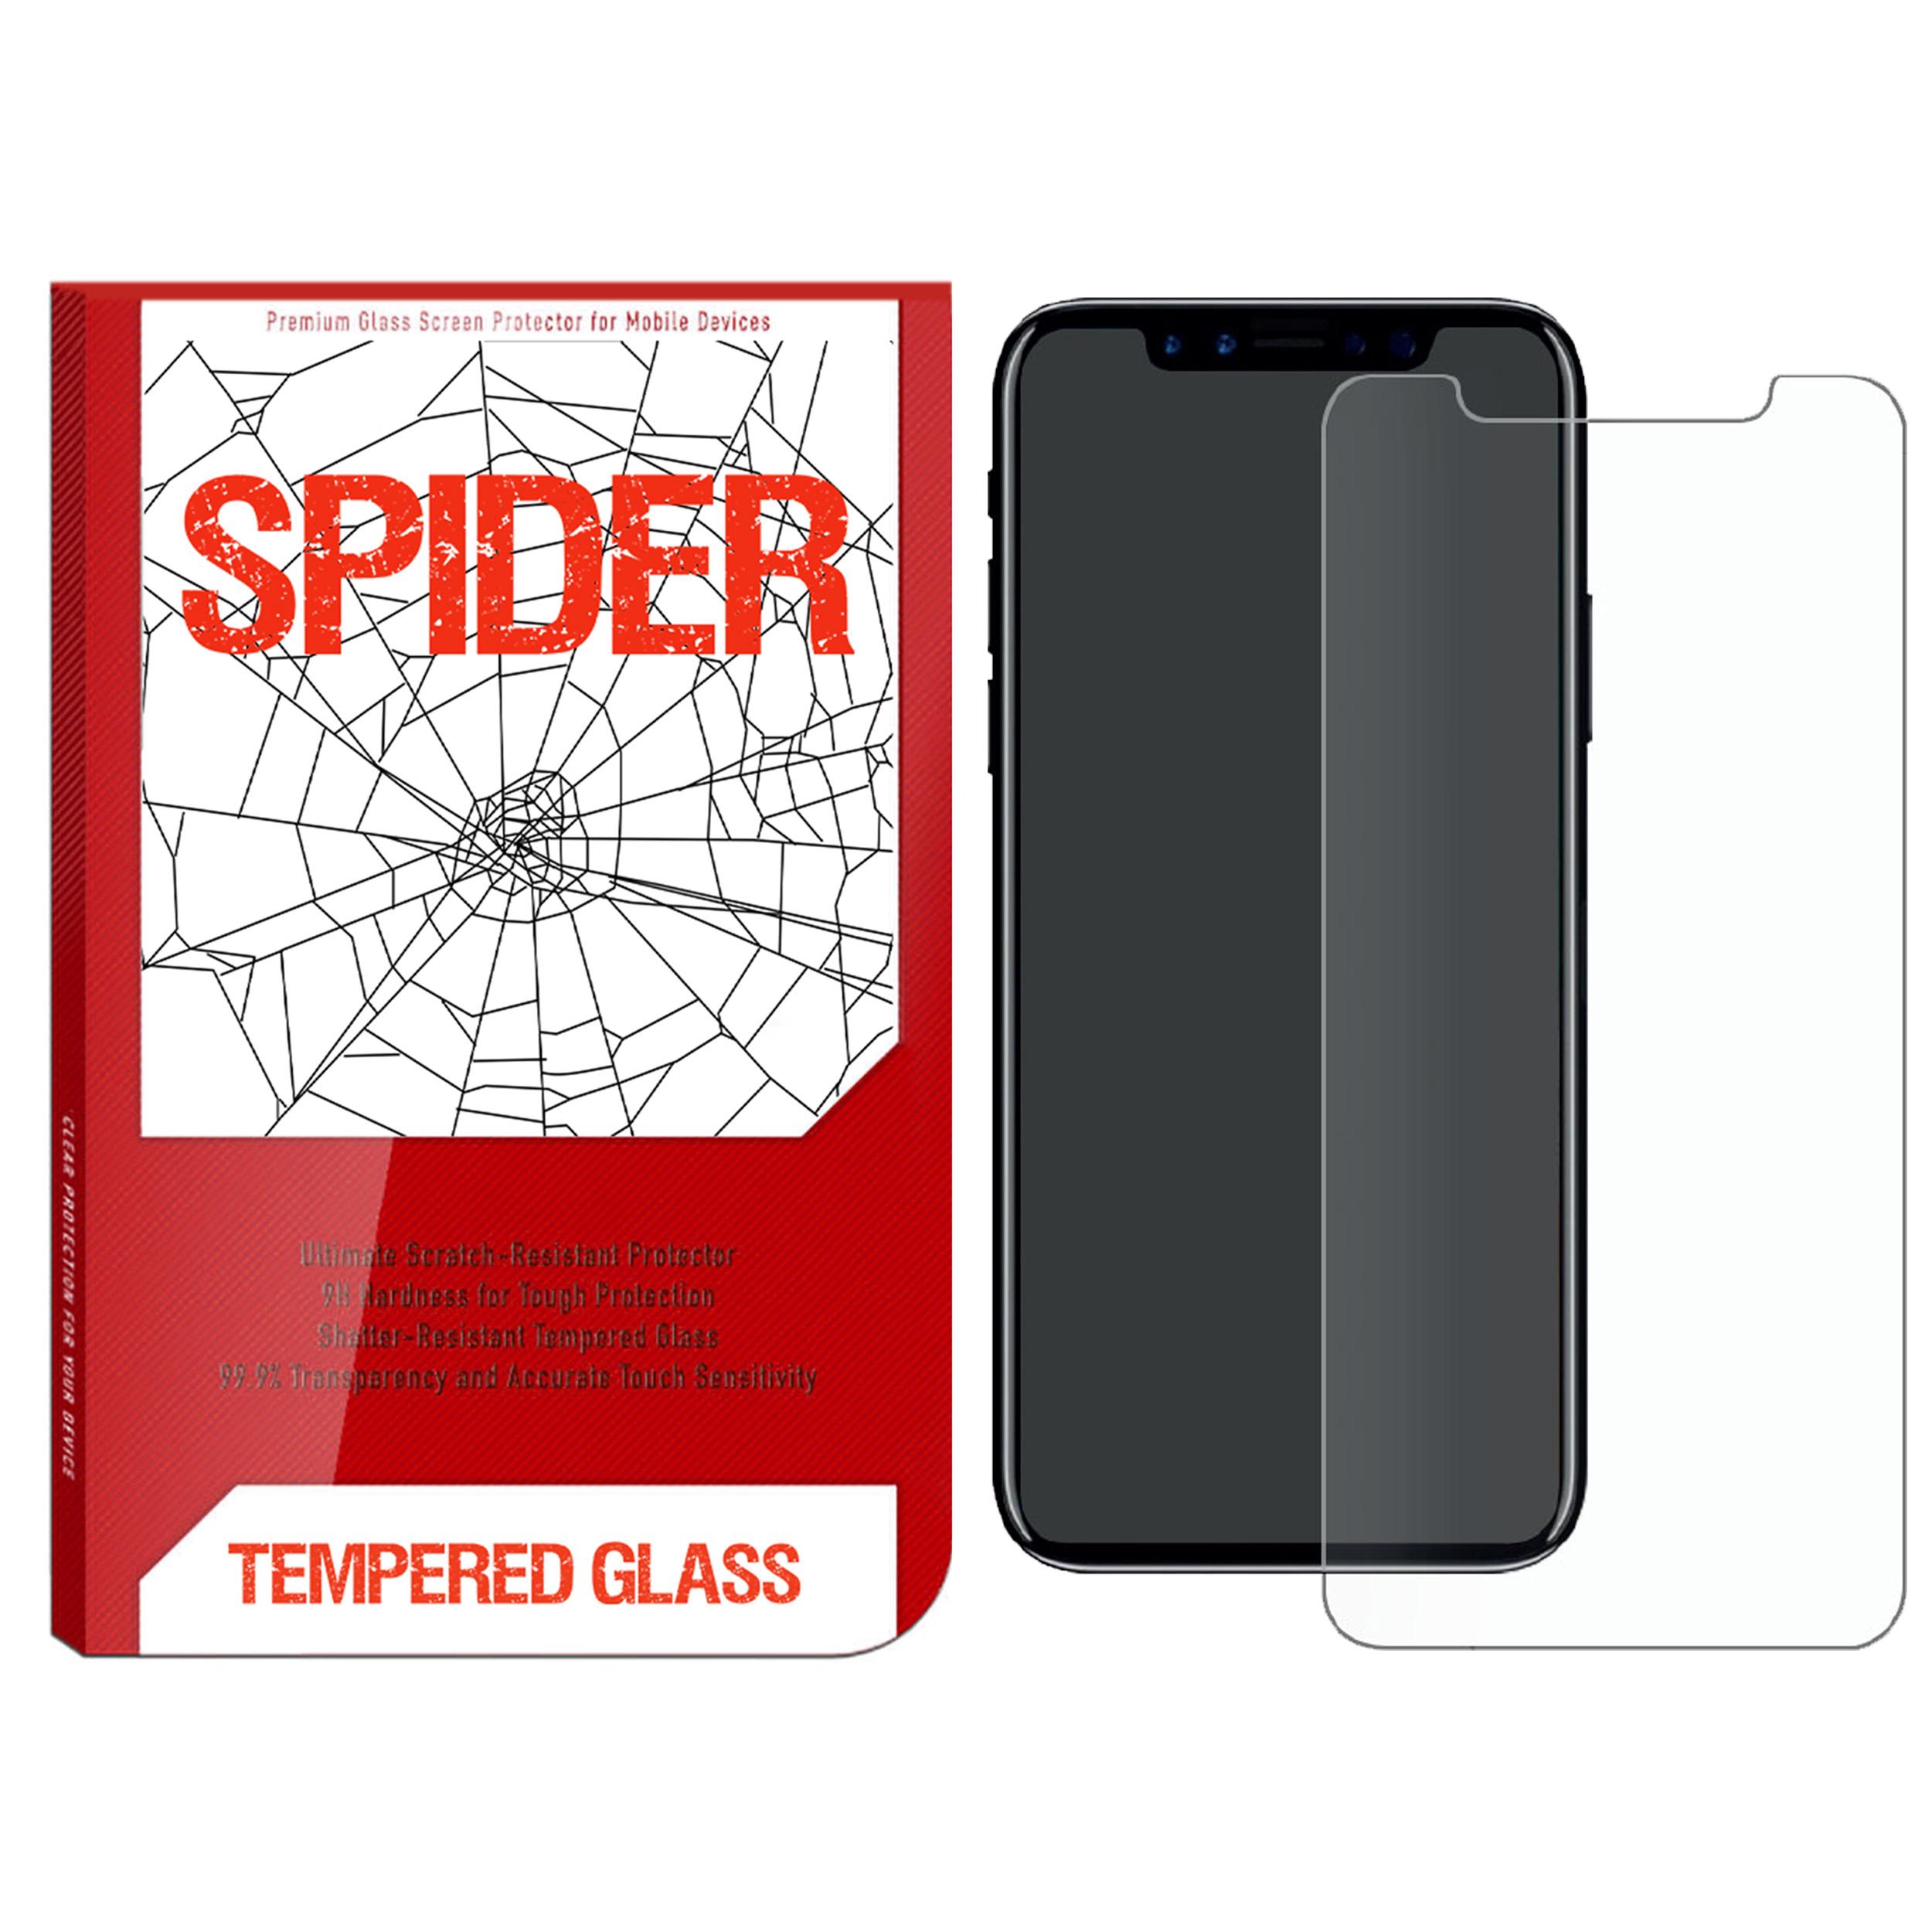 محافظ صفحه نمایش اسپایدر مدل S-TMP11 مناسب برای گوشی موبایل اپل iPhone 11 Pro Max